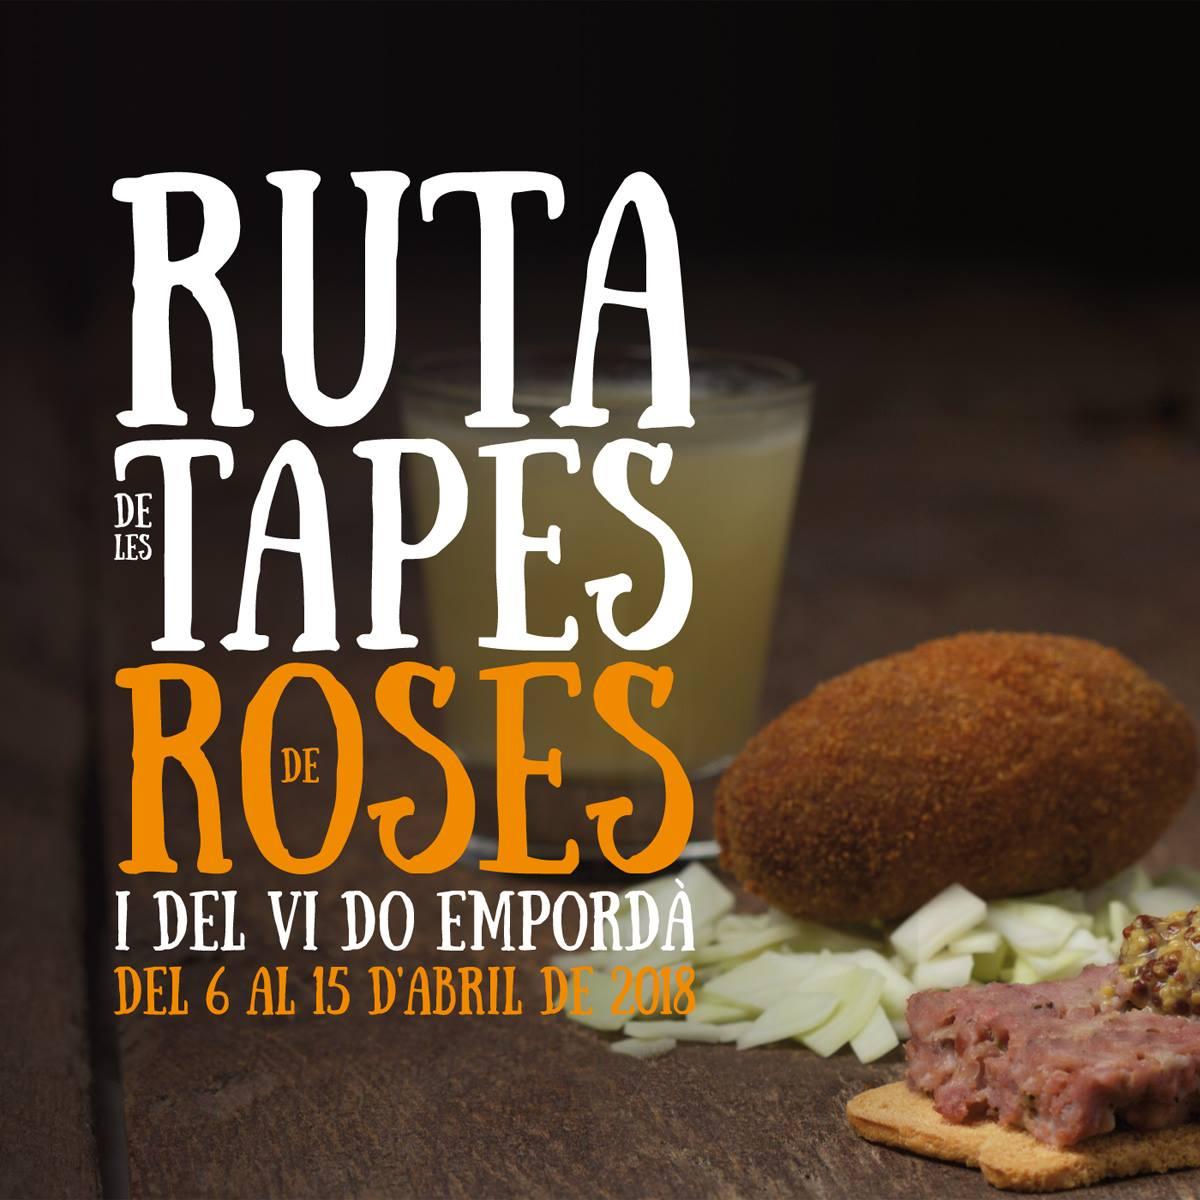 Arriba la 3a edició de la Ruta de les Tapes de Roses